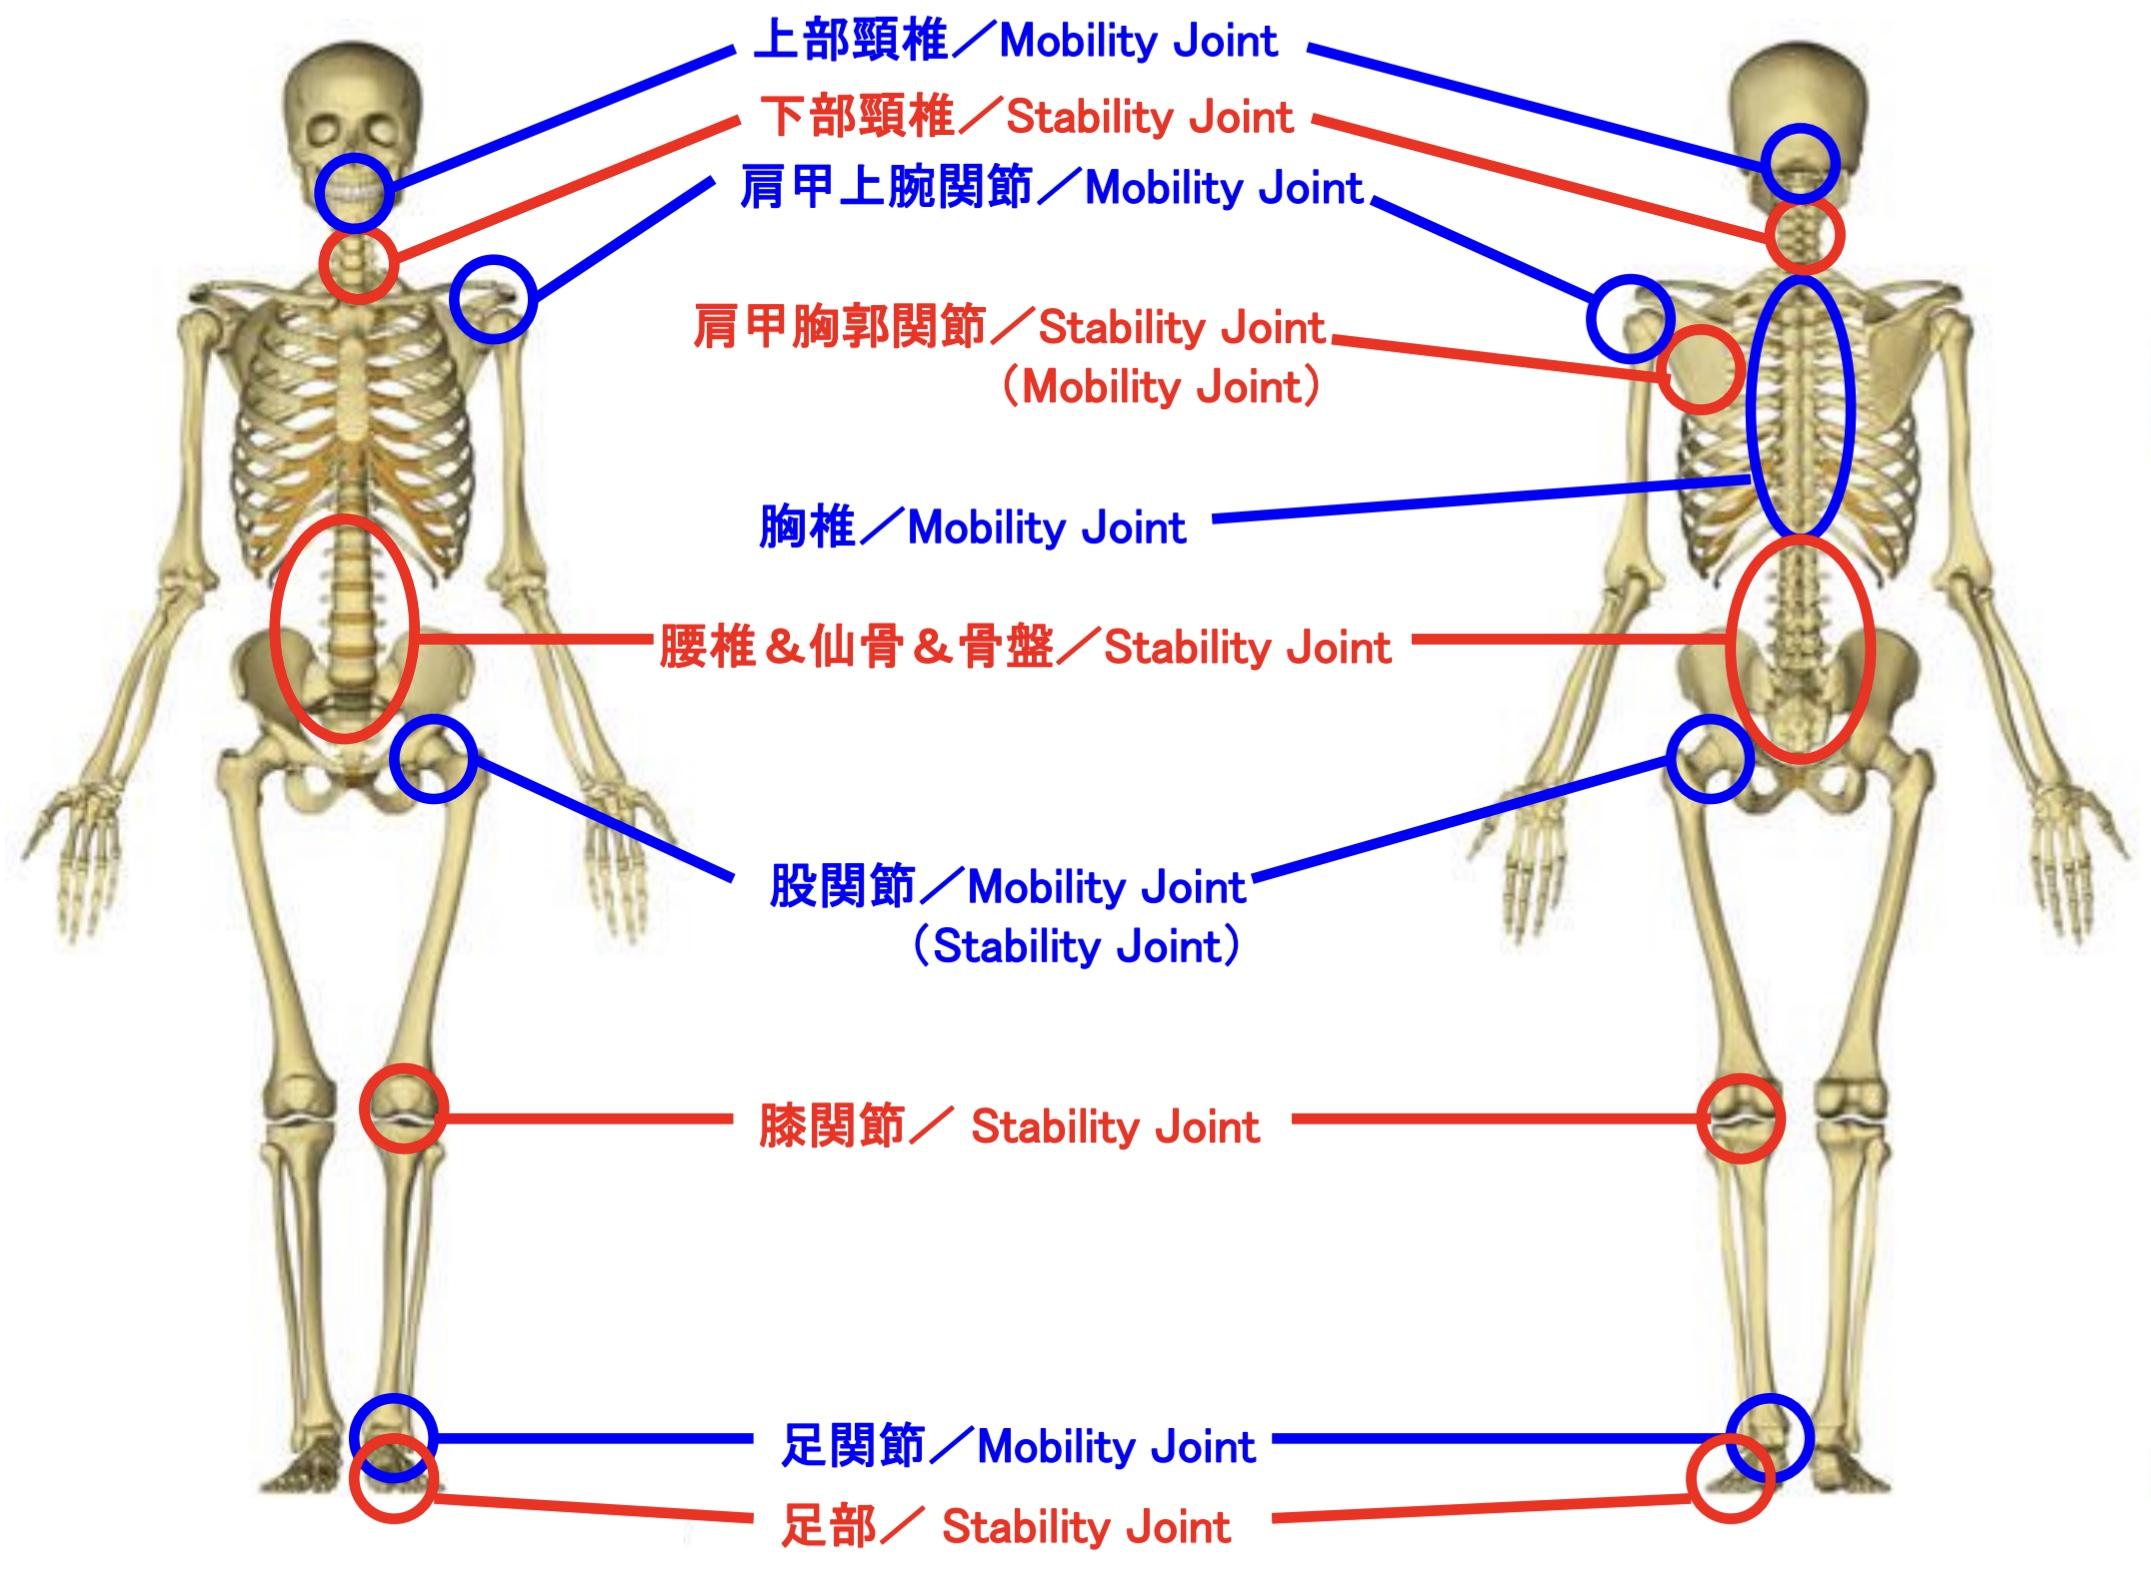 関節の役割